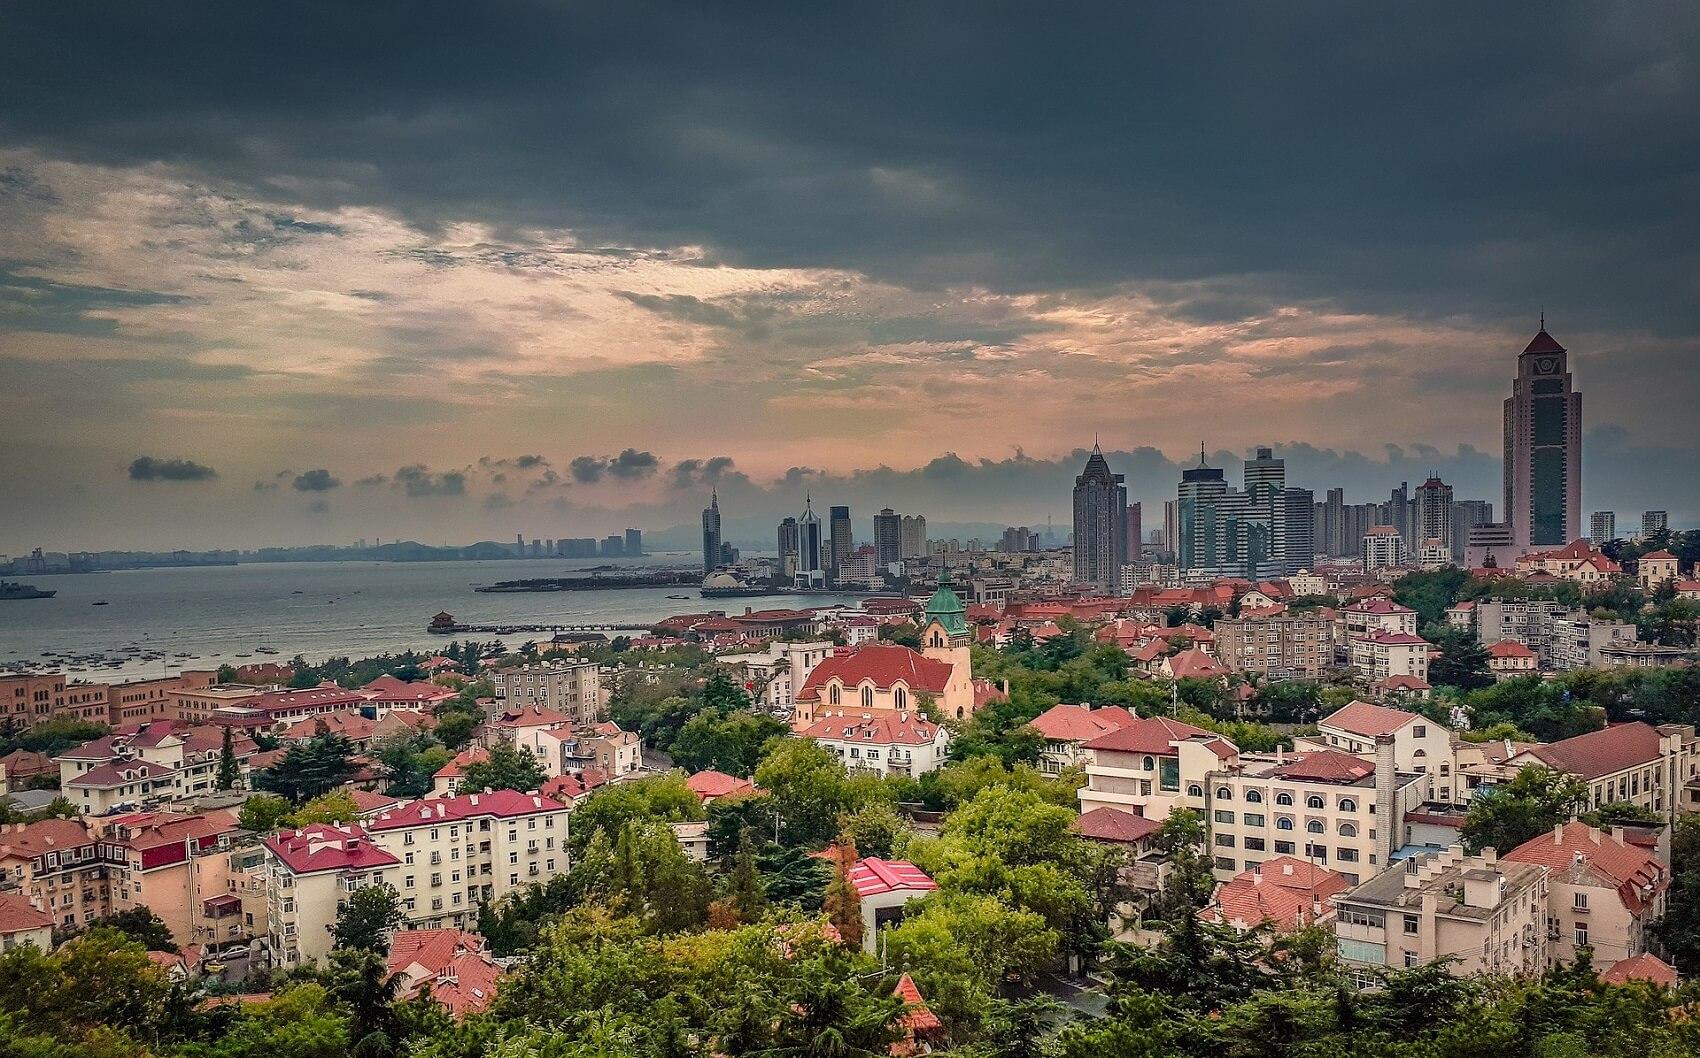 Qingdao, la città cinese della birra Tsingtao